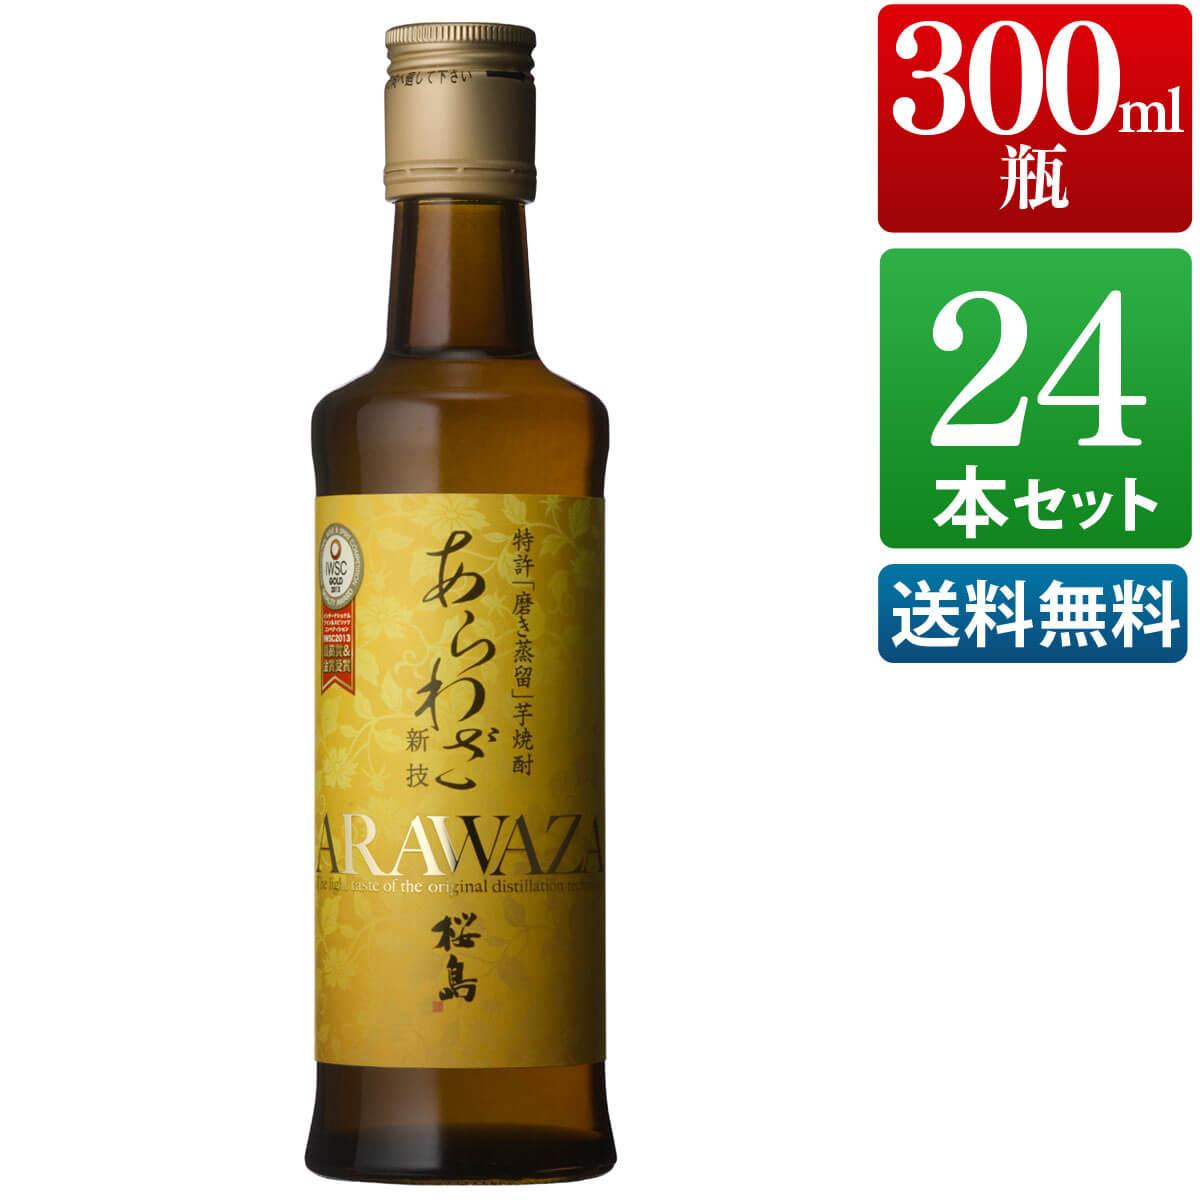 芋焼酎 24本セット あらわざ 桜島 25度 300ml [ 本坊酒造 芋焼酎 / 送料無料 ]